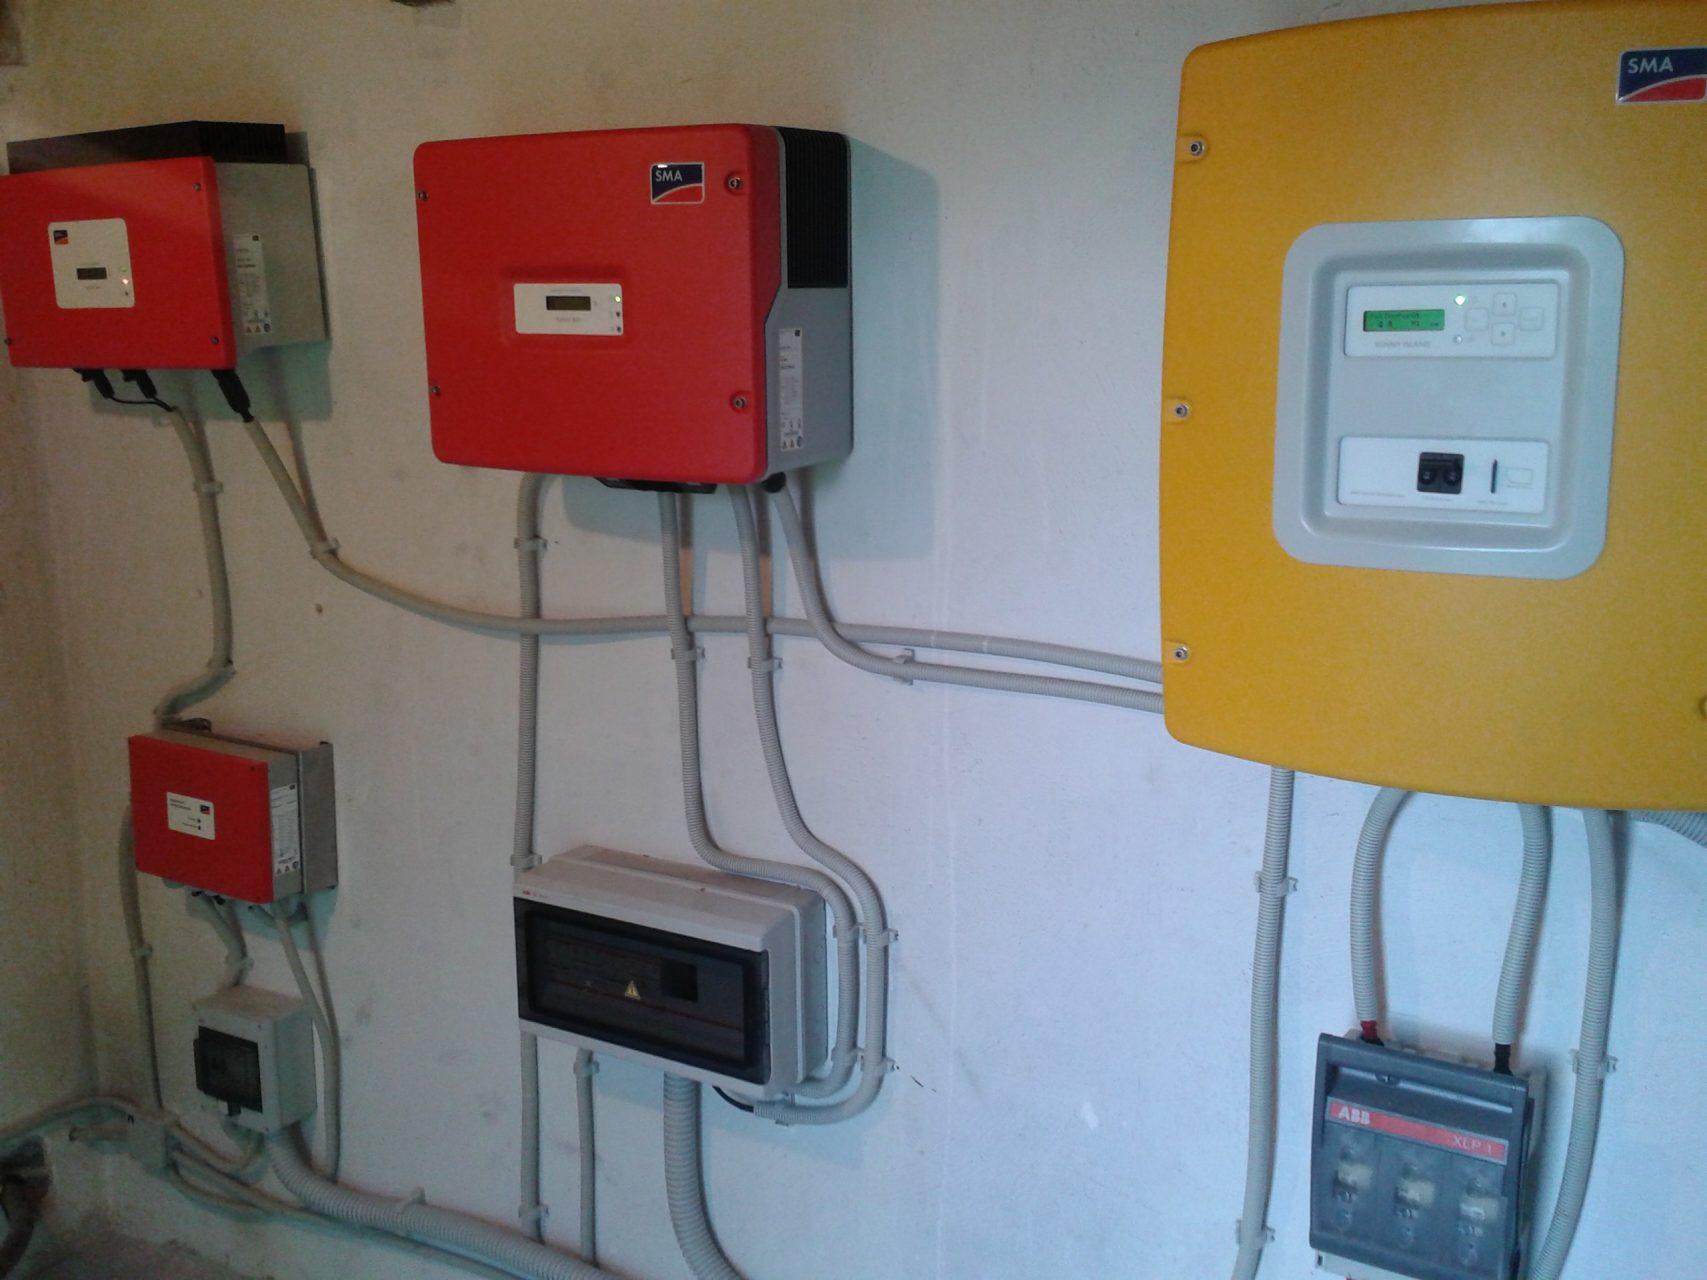 Όλοι οι αντιστραφείς του αυτόνομου συστήματος για τα φωτοβολταϊκά, την ανεμογεννήτρια και τους συσσωρευτές